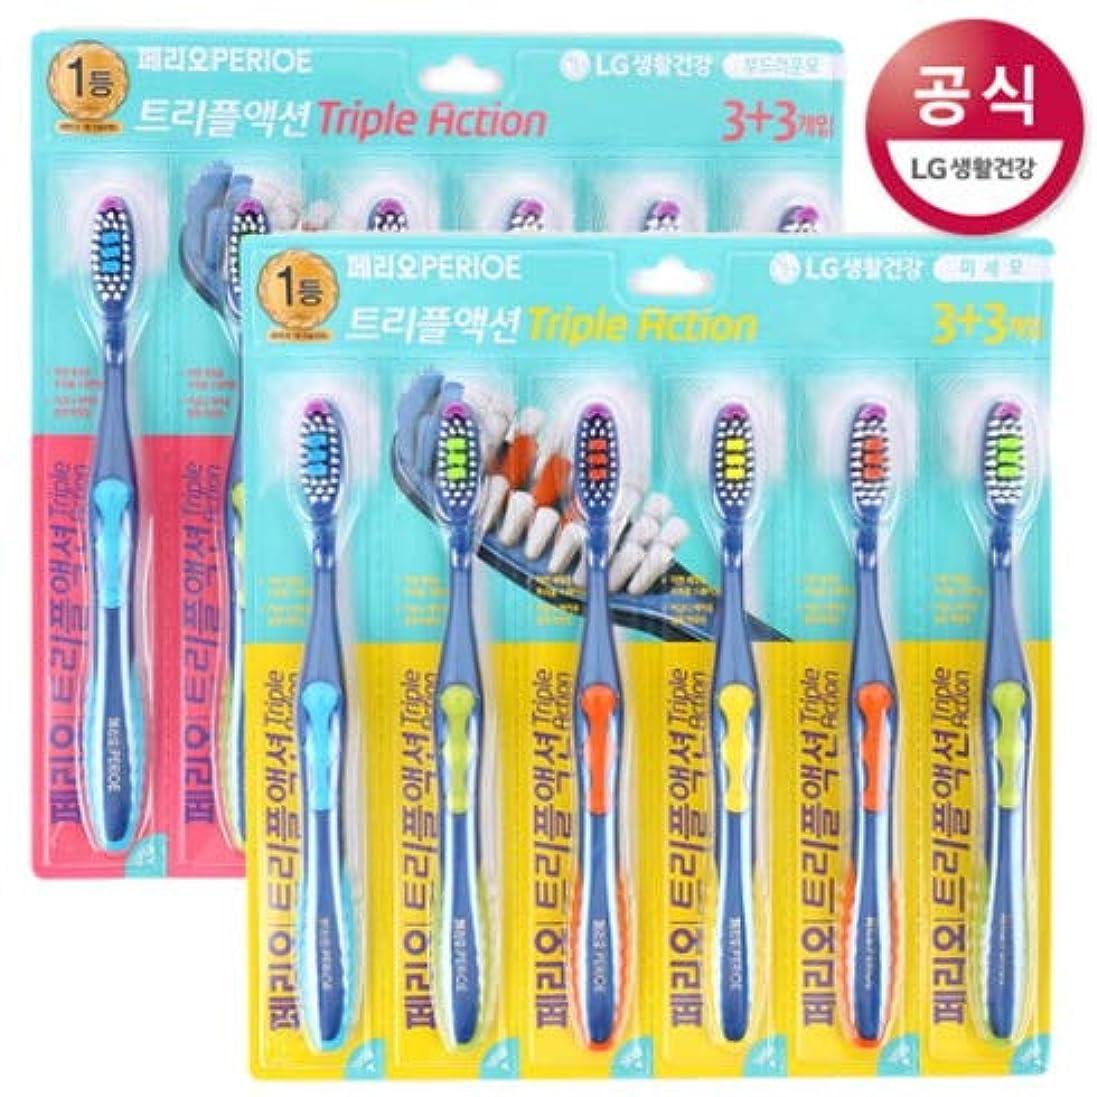 万歳市場反対[LG HnB] Perio Triple Action Toothbrush/ペリオトリプルアクション歯ブラシ 6口x2個(海外直送品)